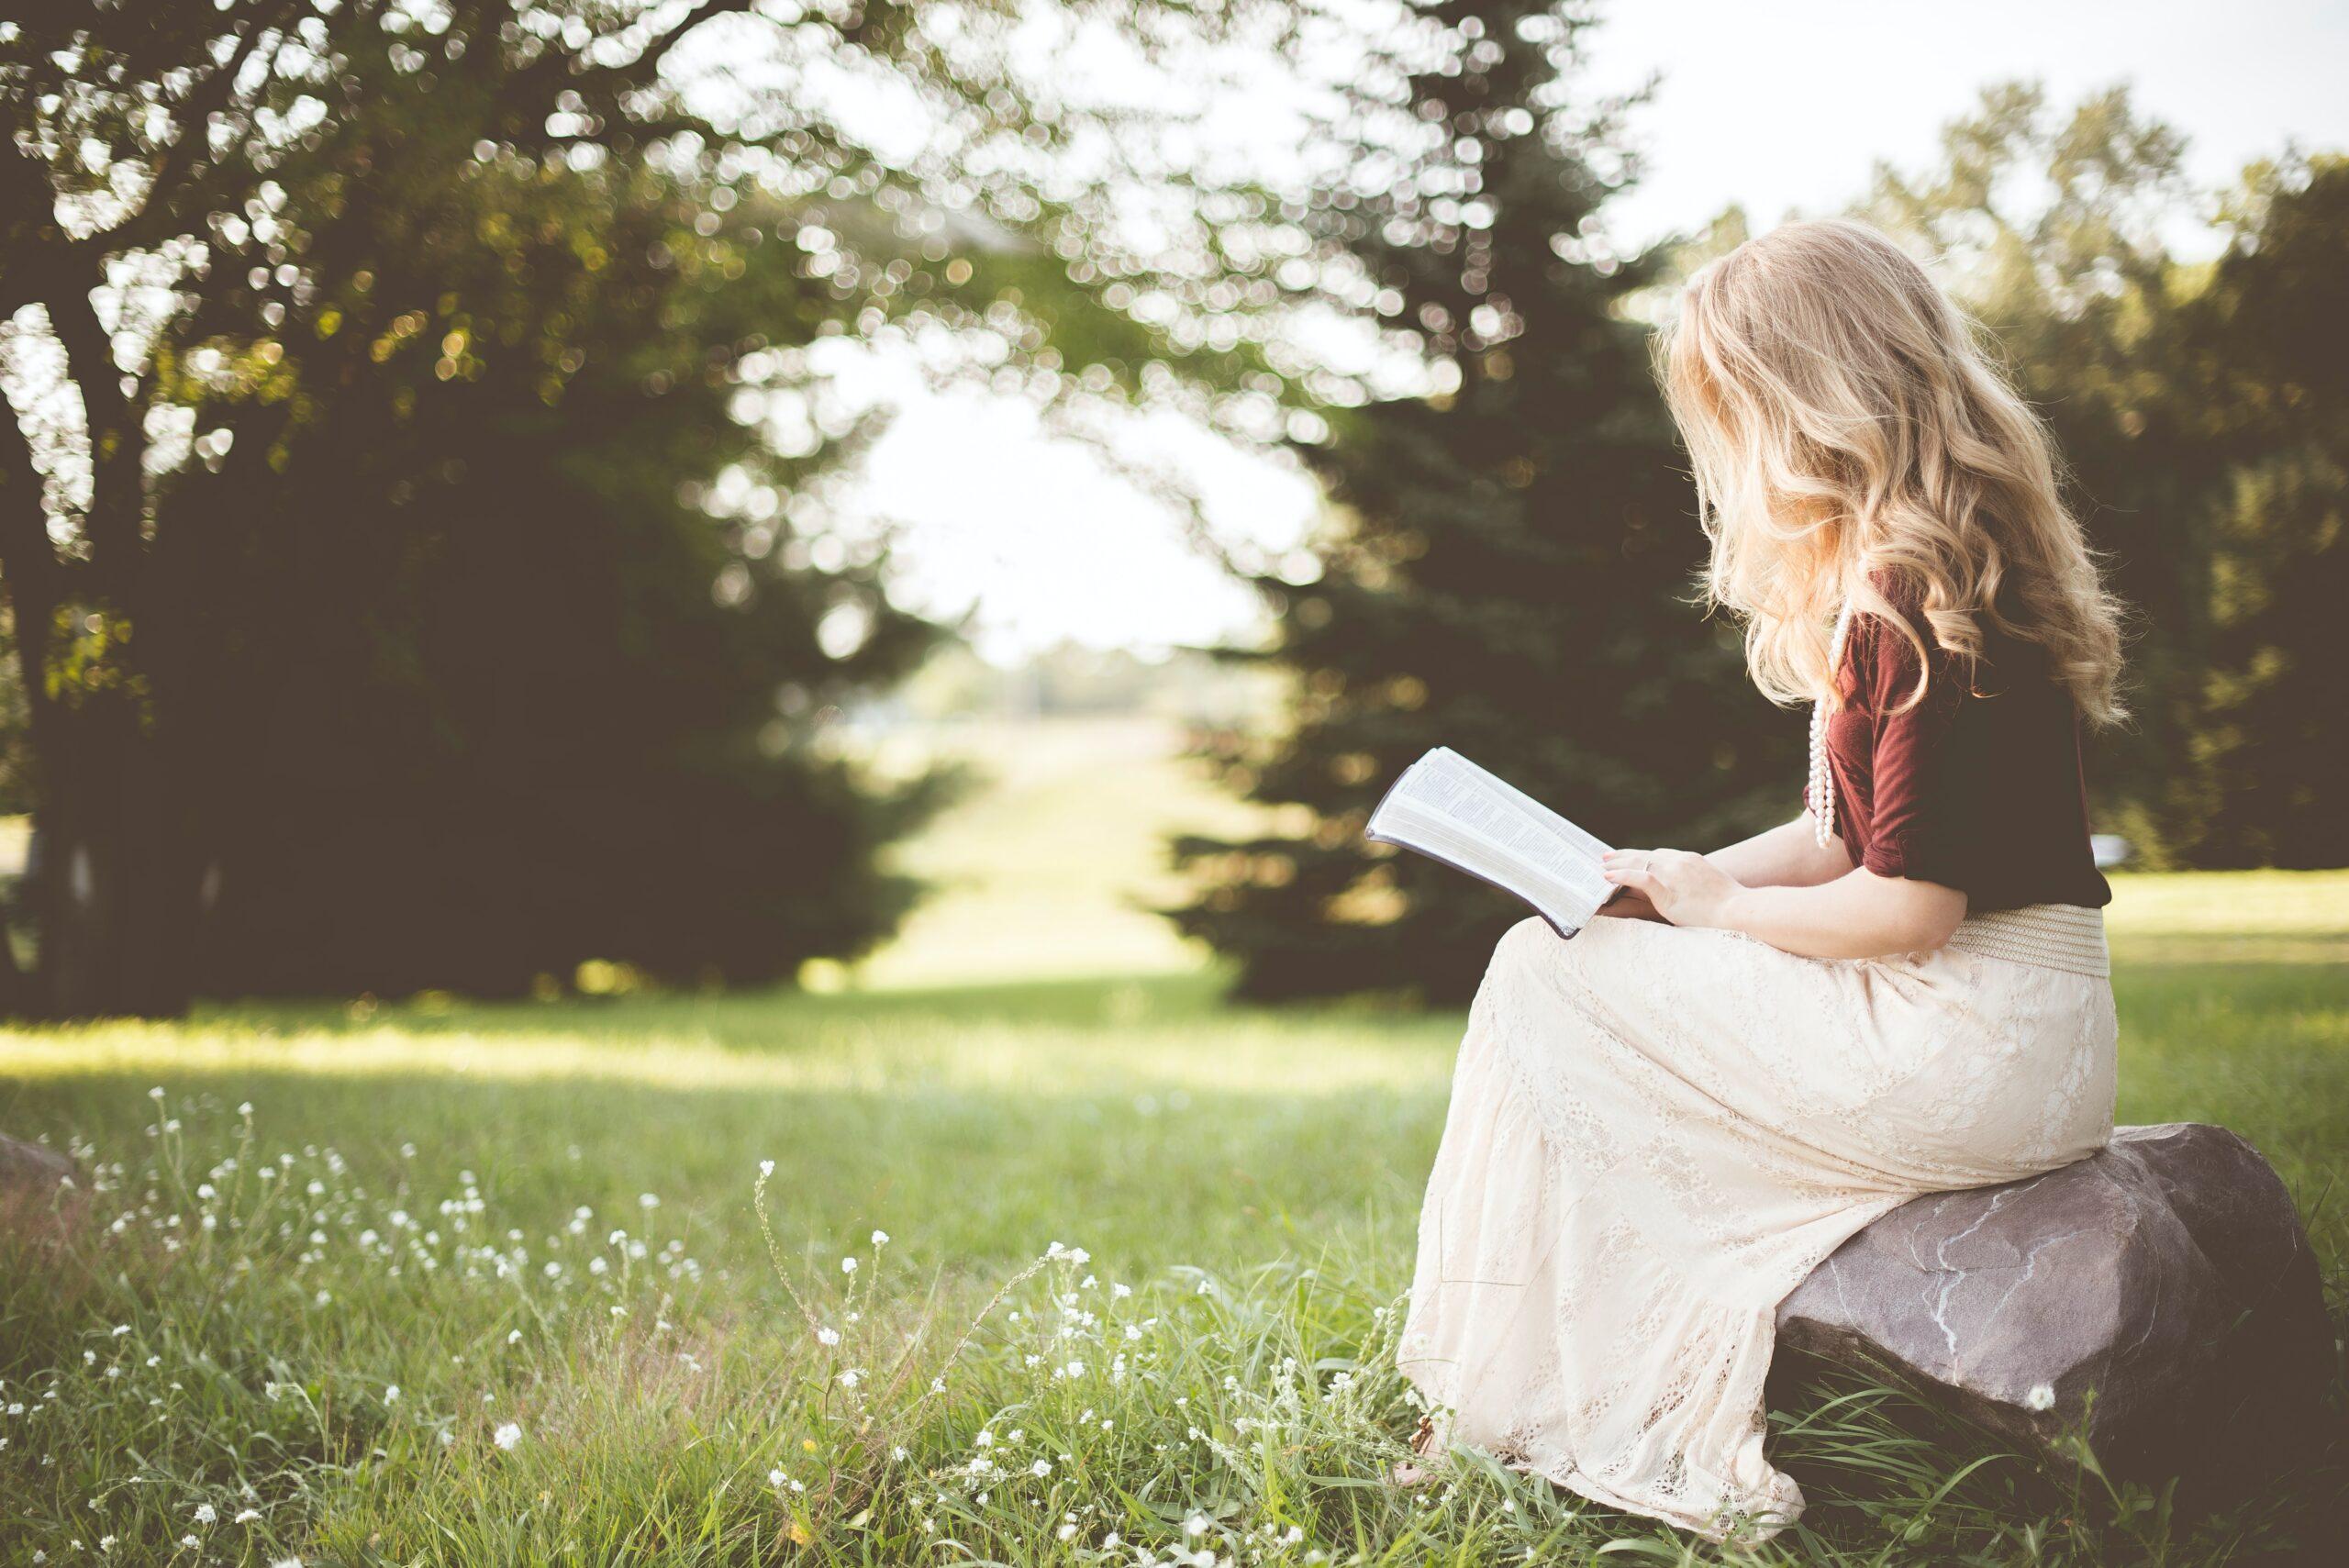 5 dintre cele mai inspirate cărți care îți vor schimba viața definitiv